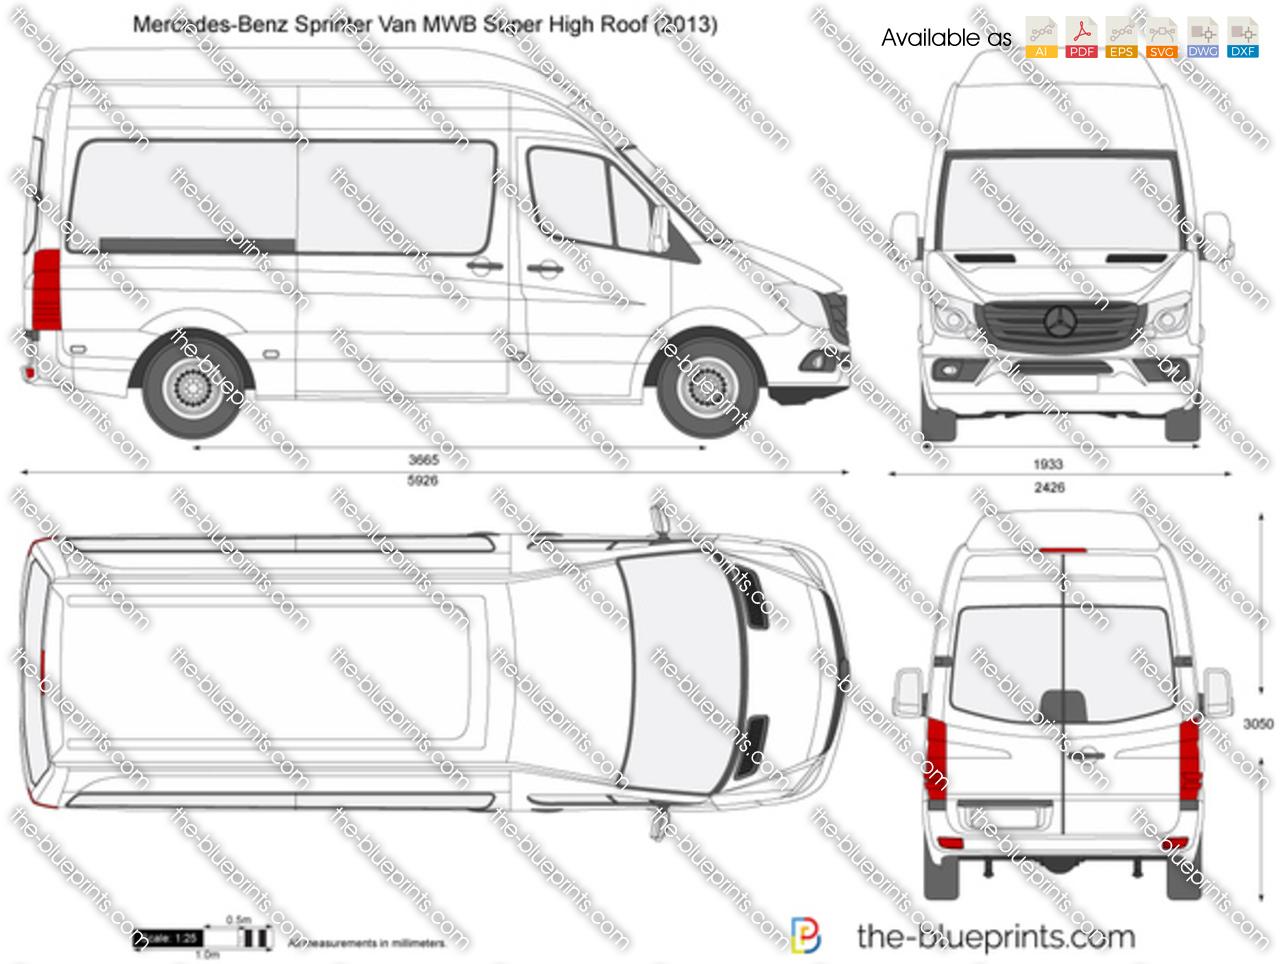 Mercedes Benz Sprinter Van Mwb Super High Roof Vector Drawing